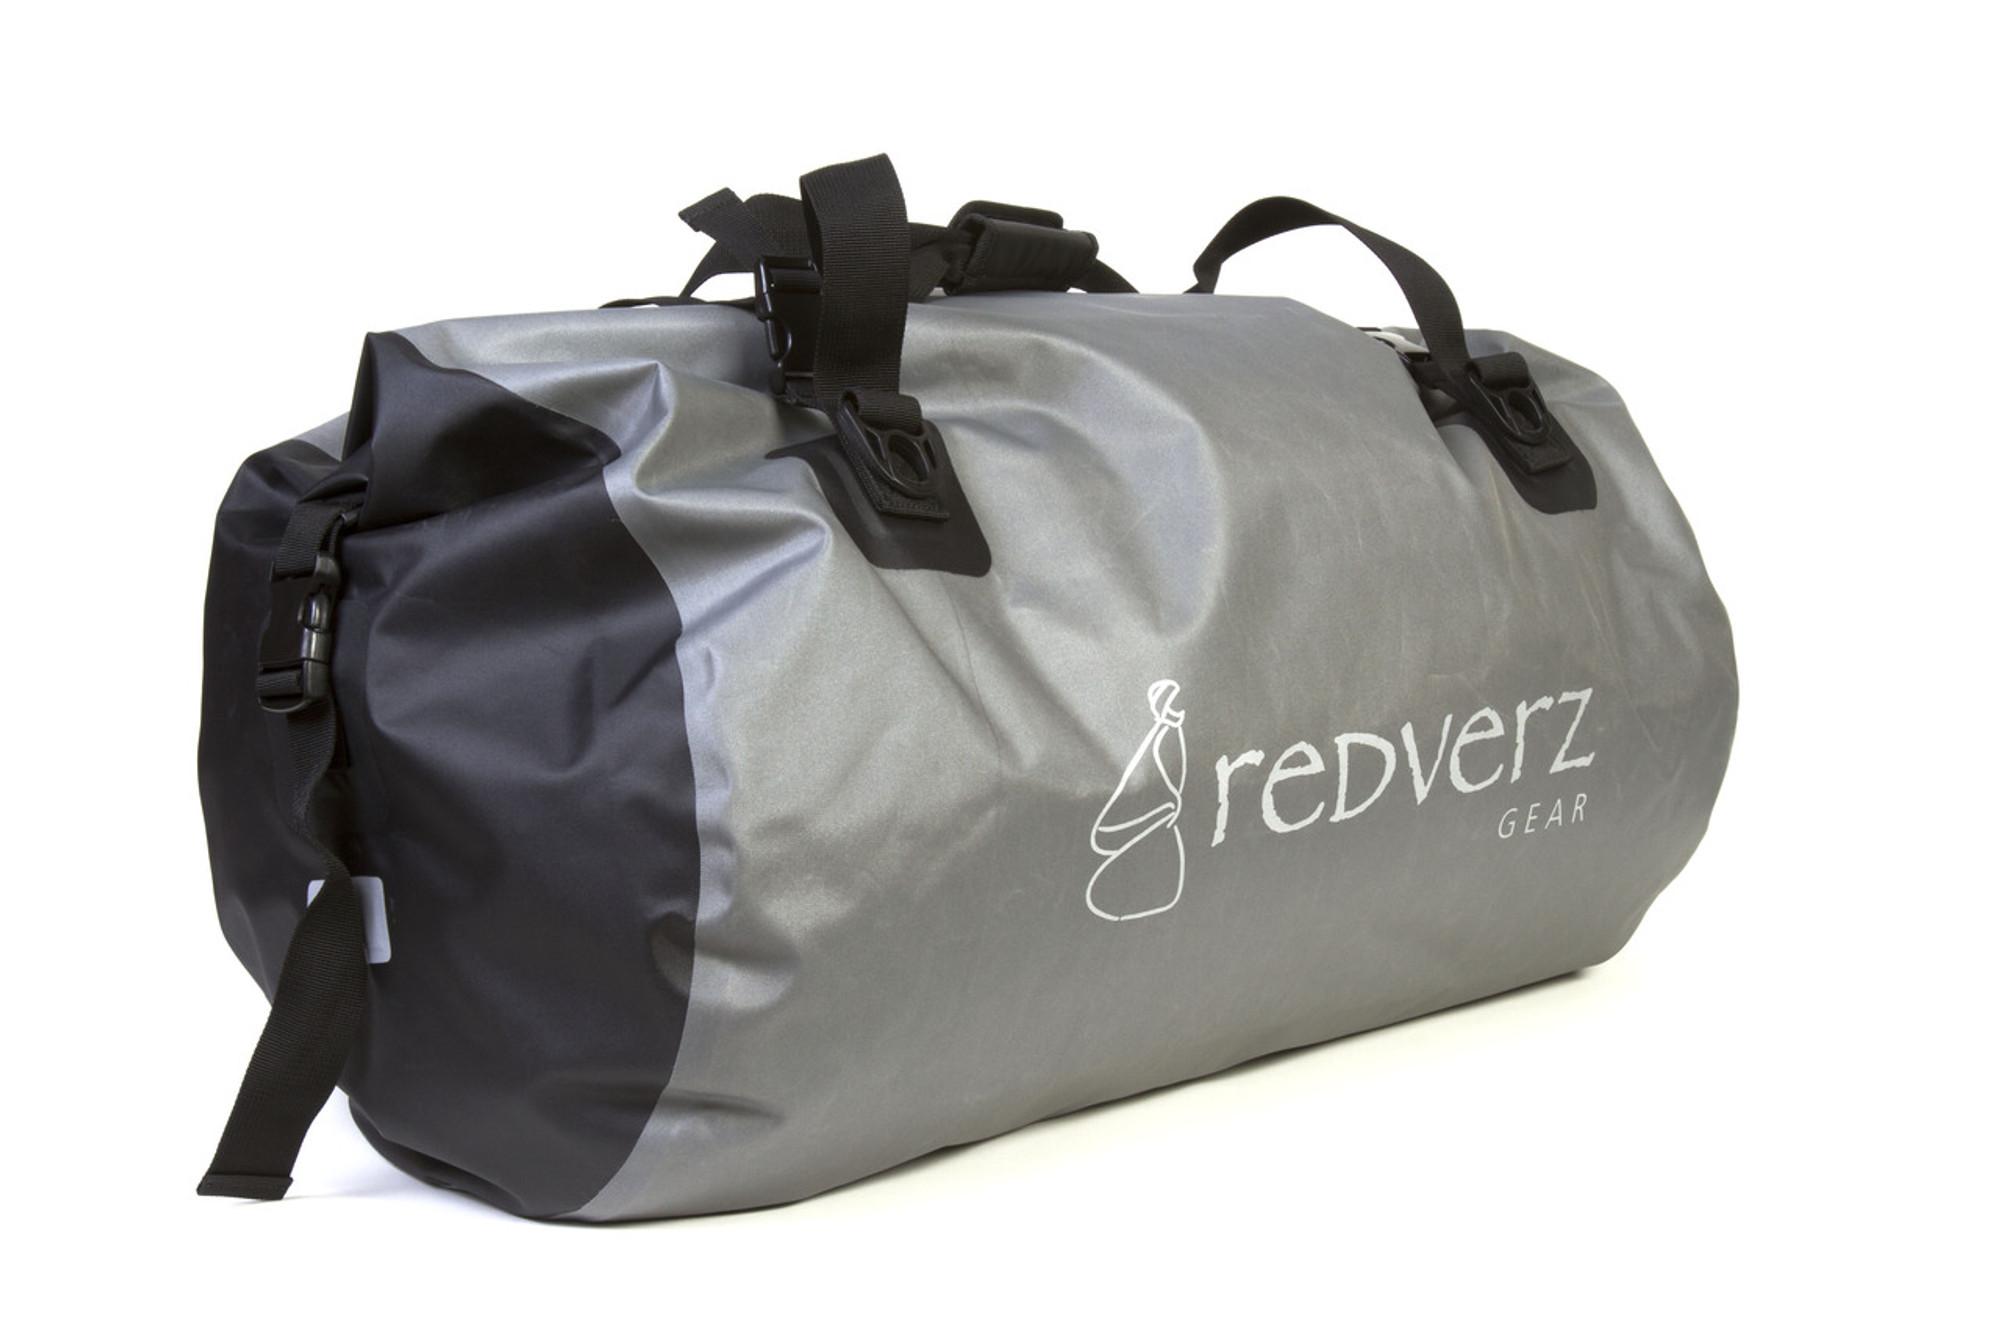 611e70bb 90 Liter Expedition Nylon 420D Dry Bag- Redverz